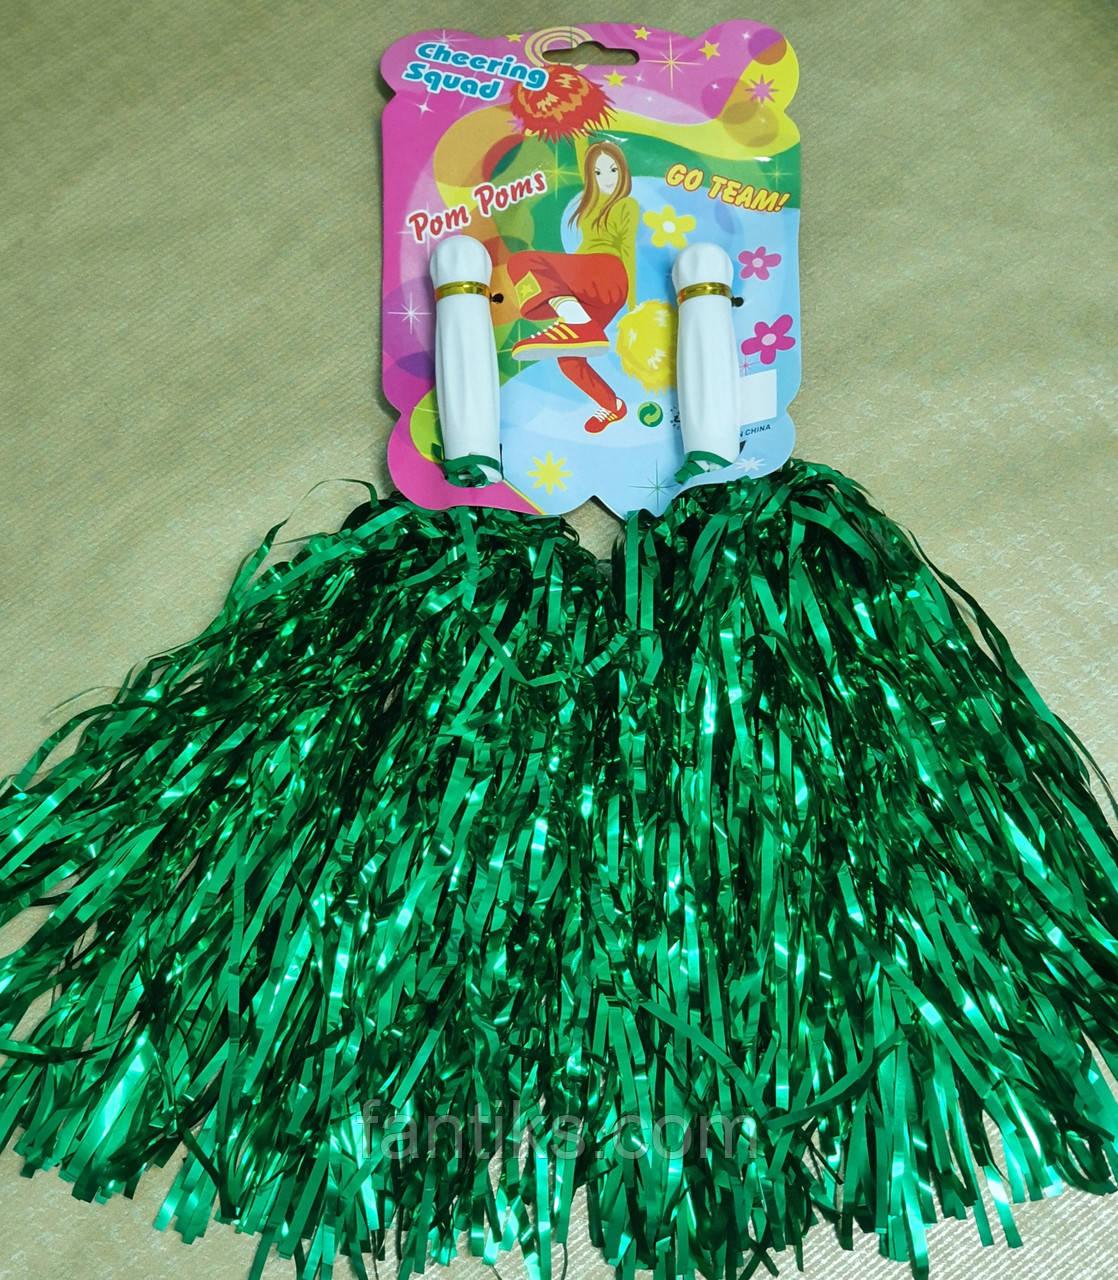 Помпоны для черлидинга зеленые - 2 шт/ комплект